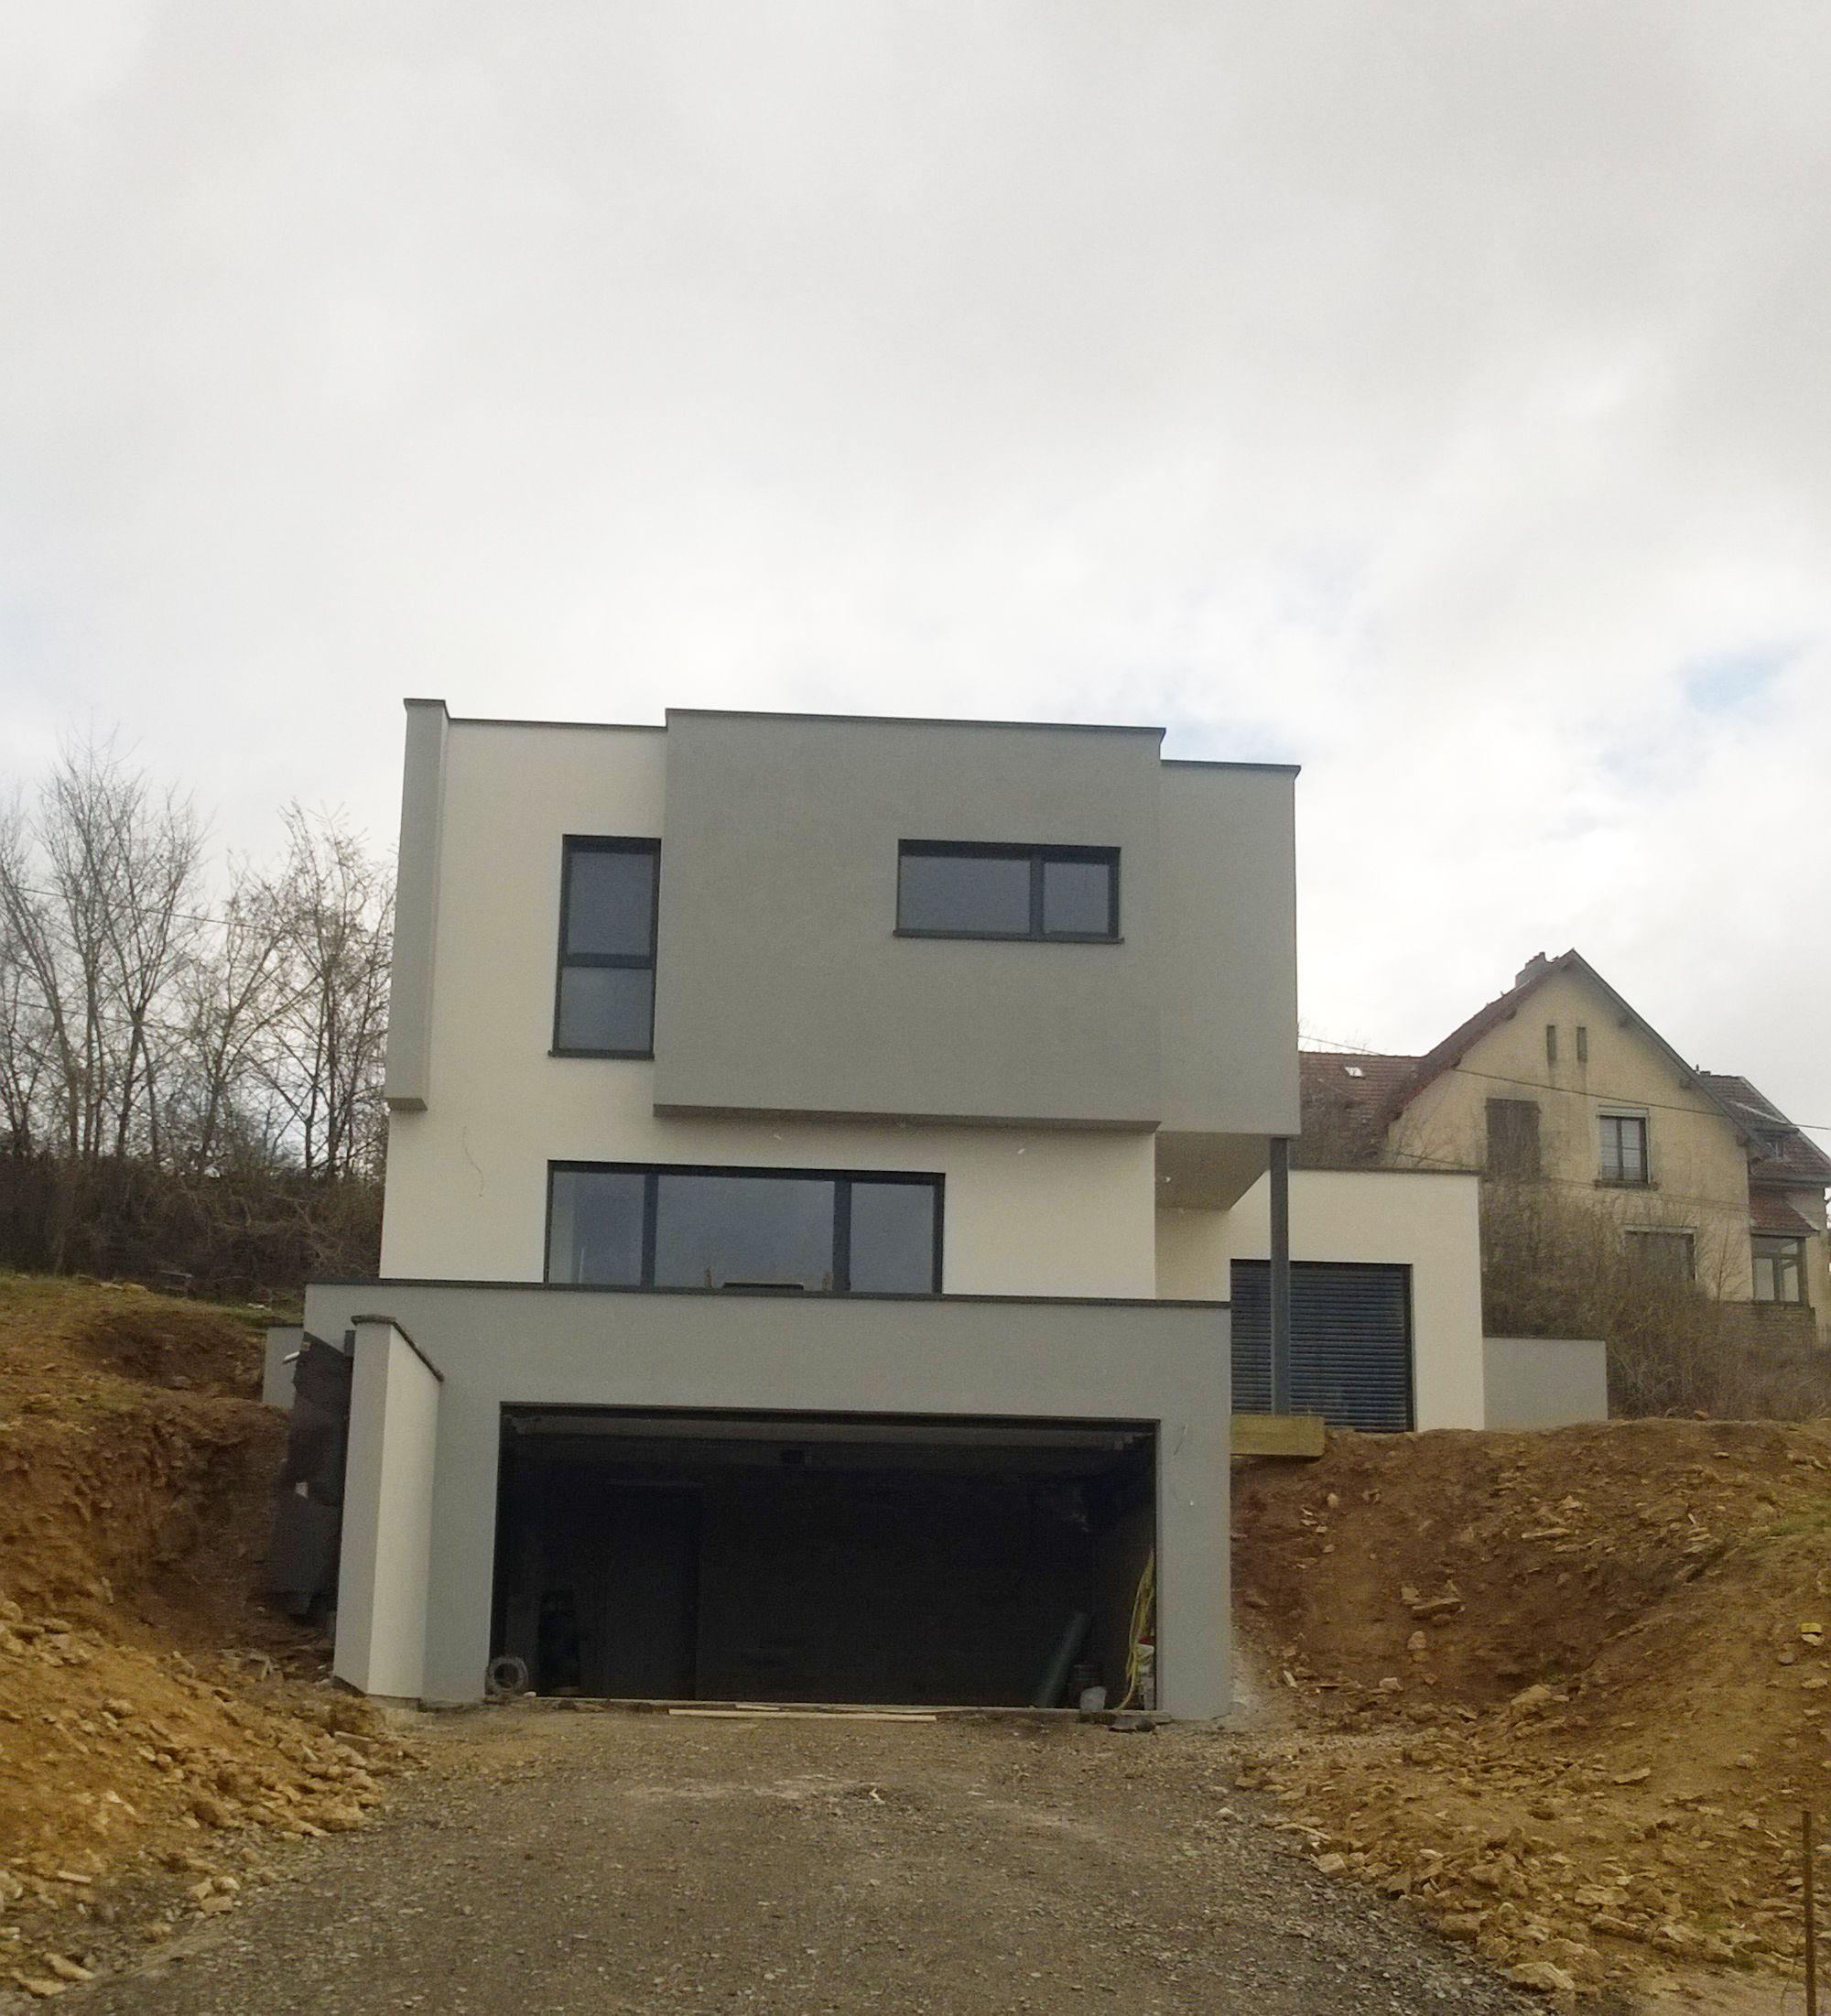 Maison bois sur terrain en pente maison en 2018 pinterest maison bois maison et terrain - Maison avec toit une pente ...